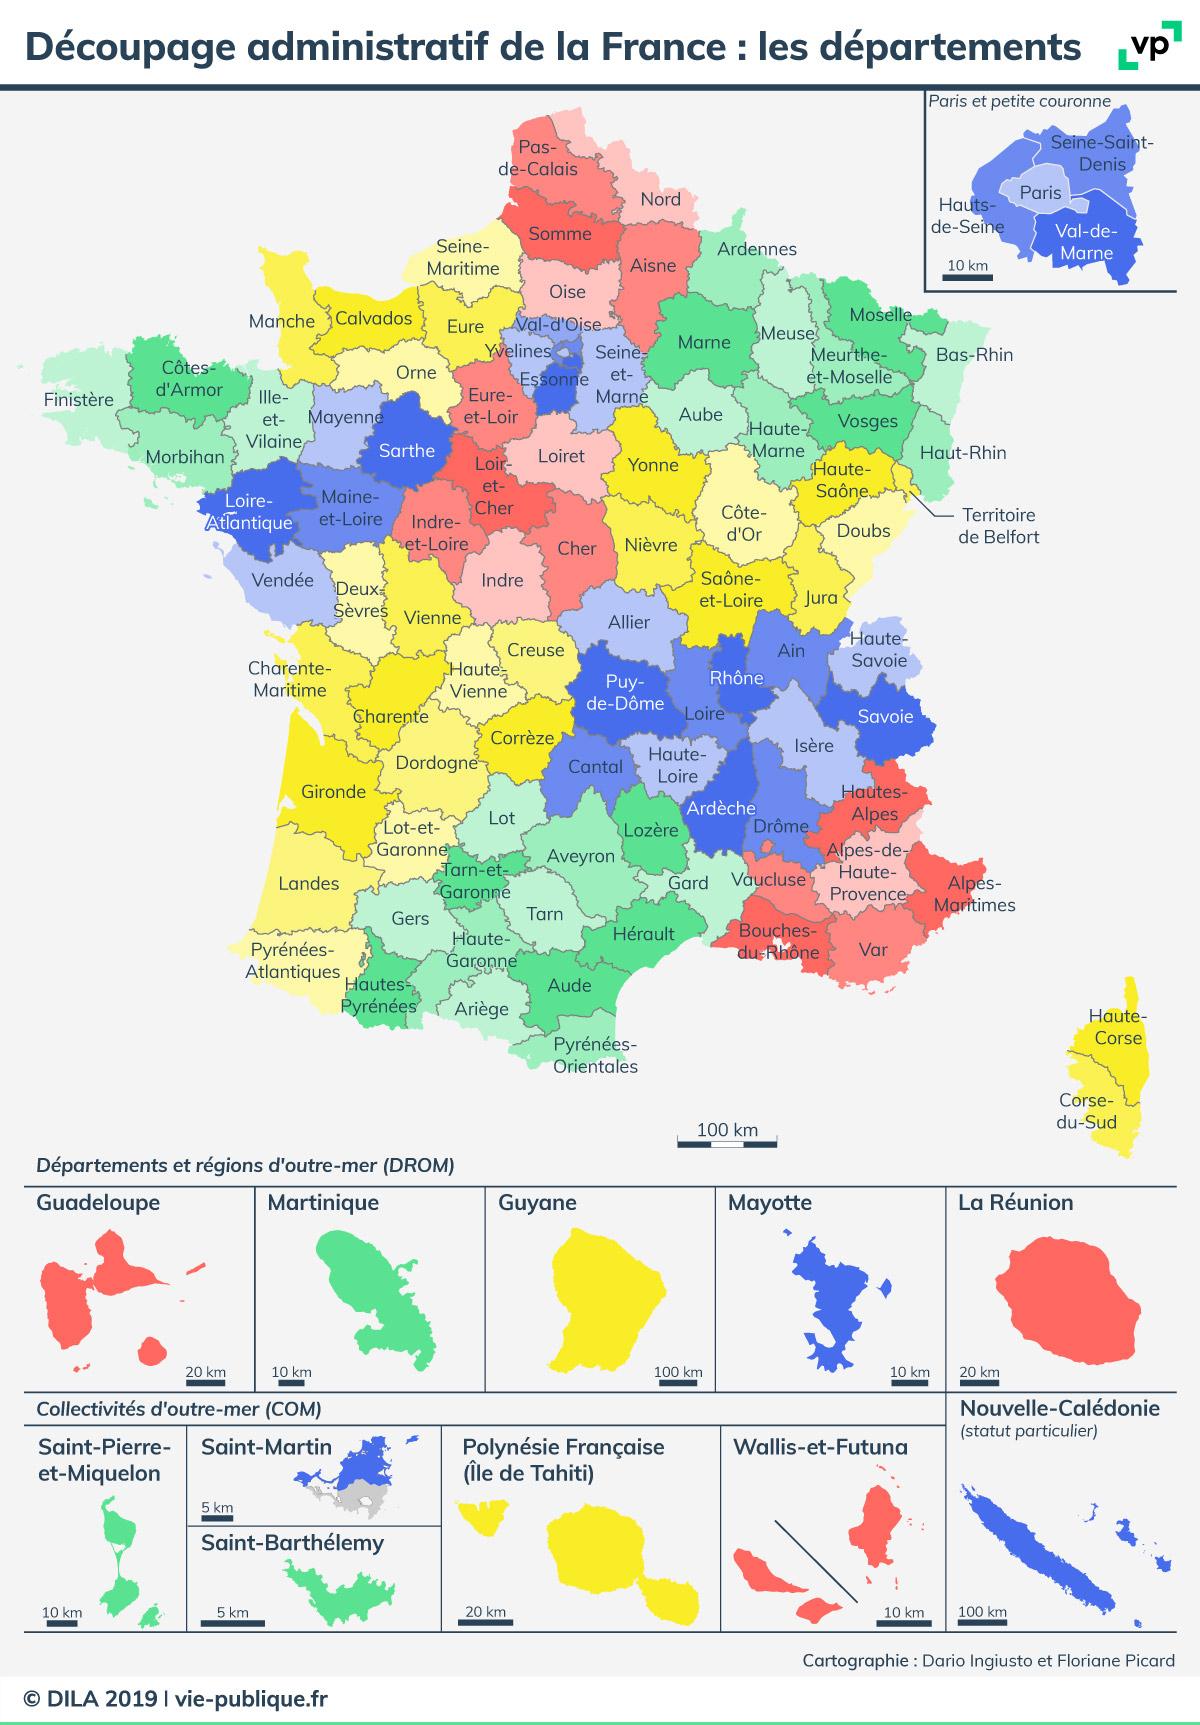 Découpage Administratif De La France : Les Départements avec Les Nouvelles Régions De France Et Leurs Départements